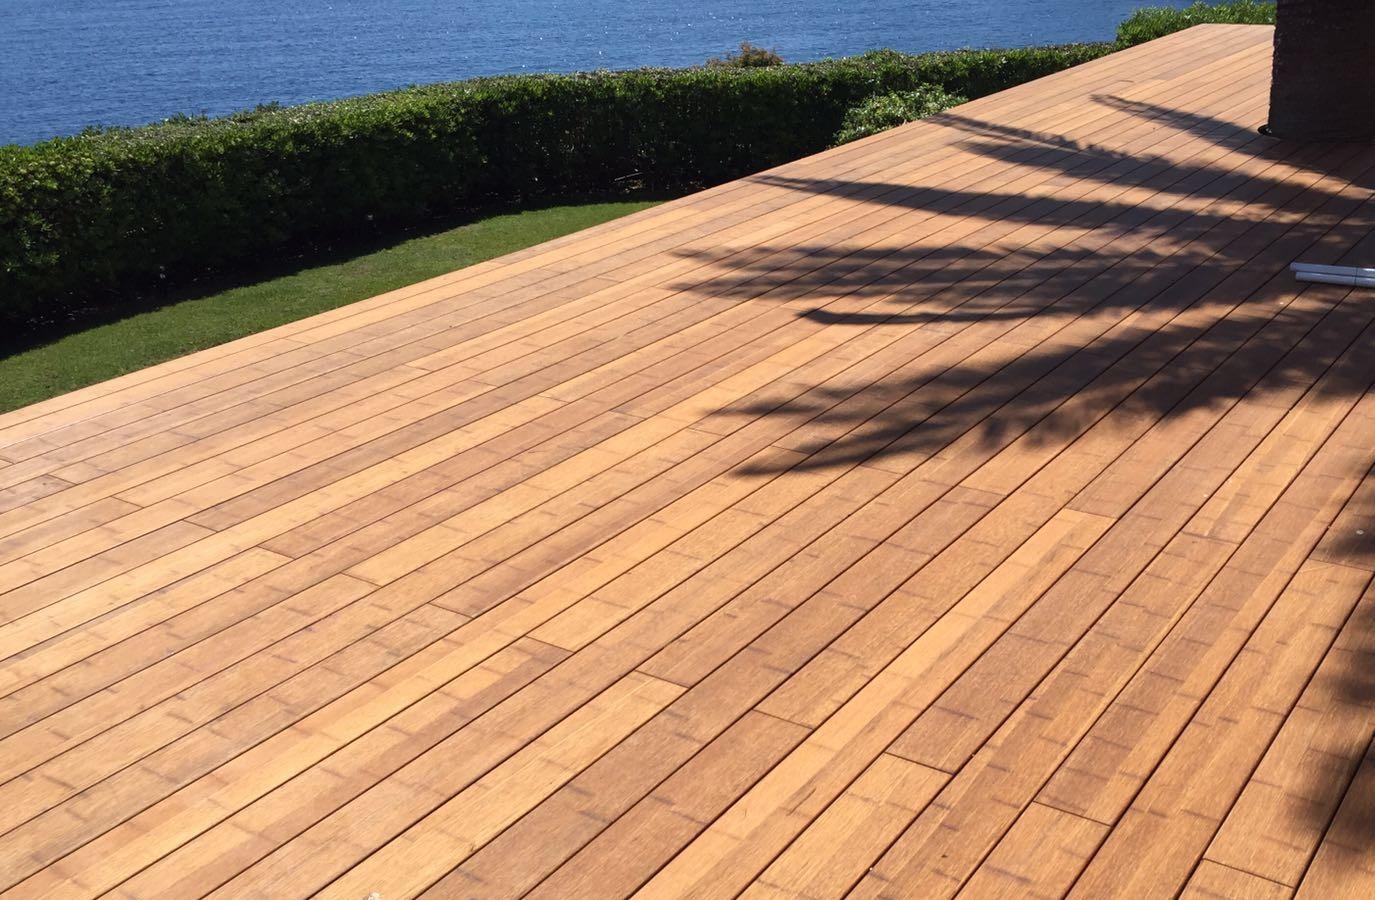 Instalación terraza exterior con tarima de bambú